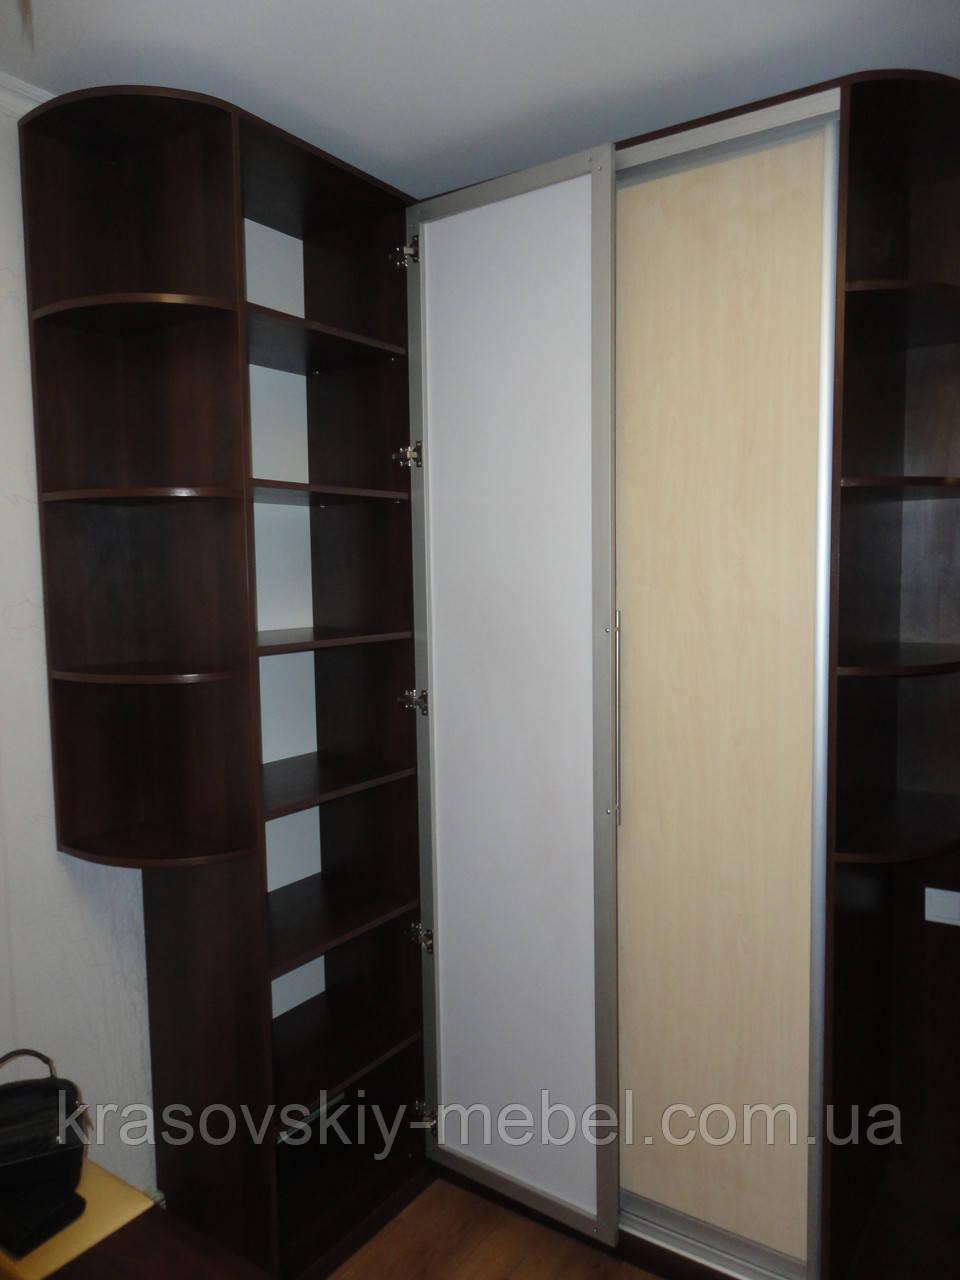 Изготовление мебели на заказ в белгороде недорого